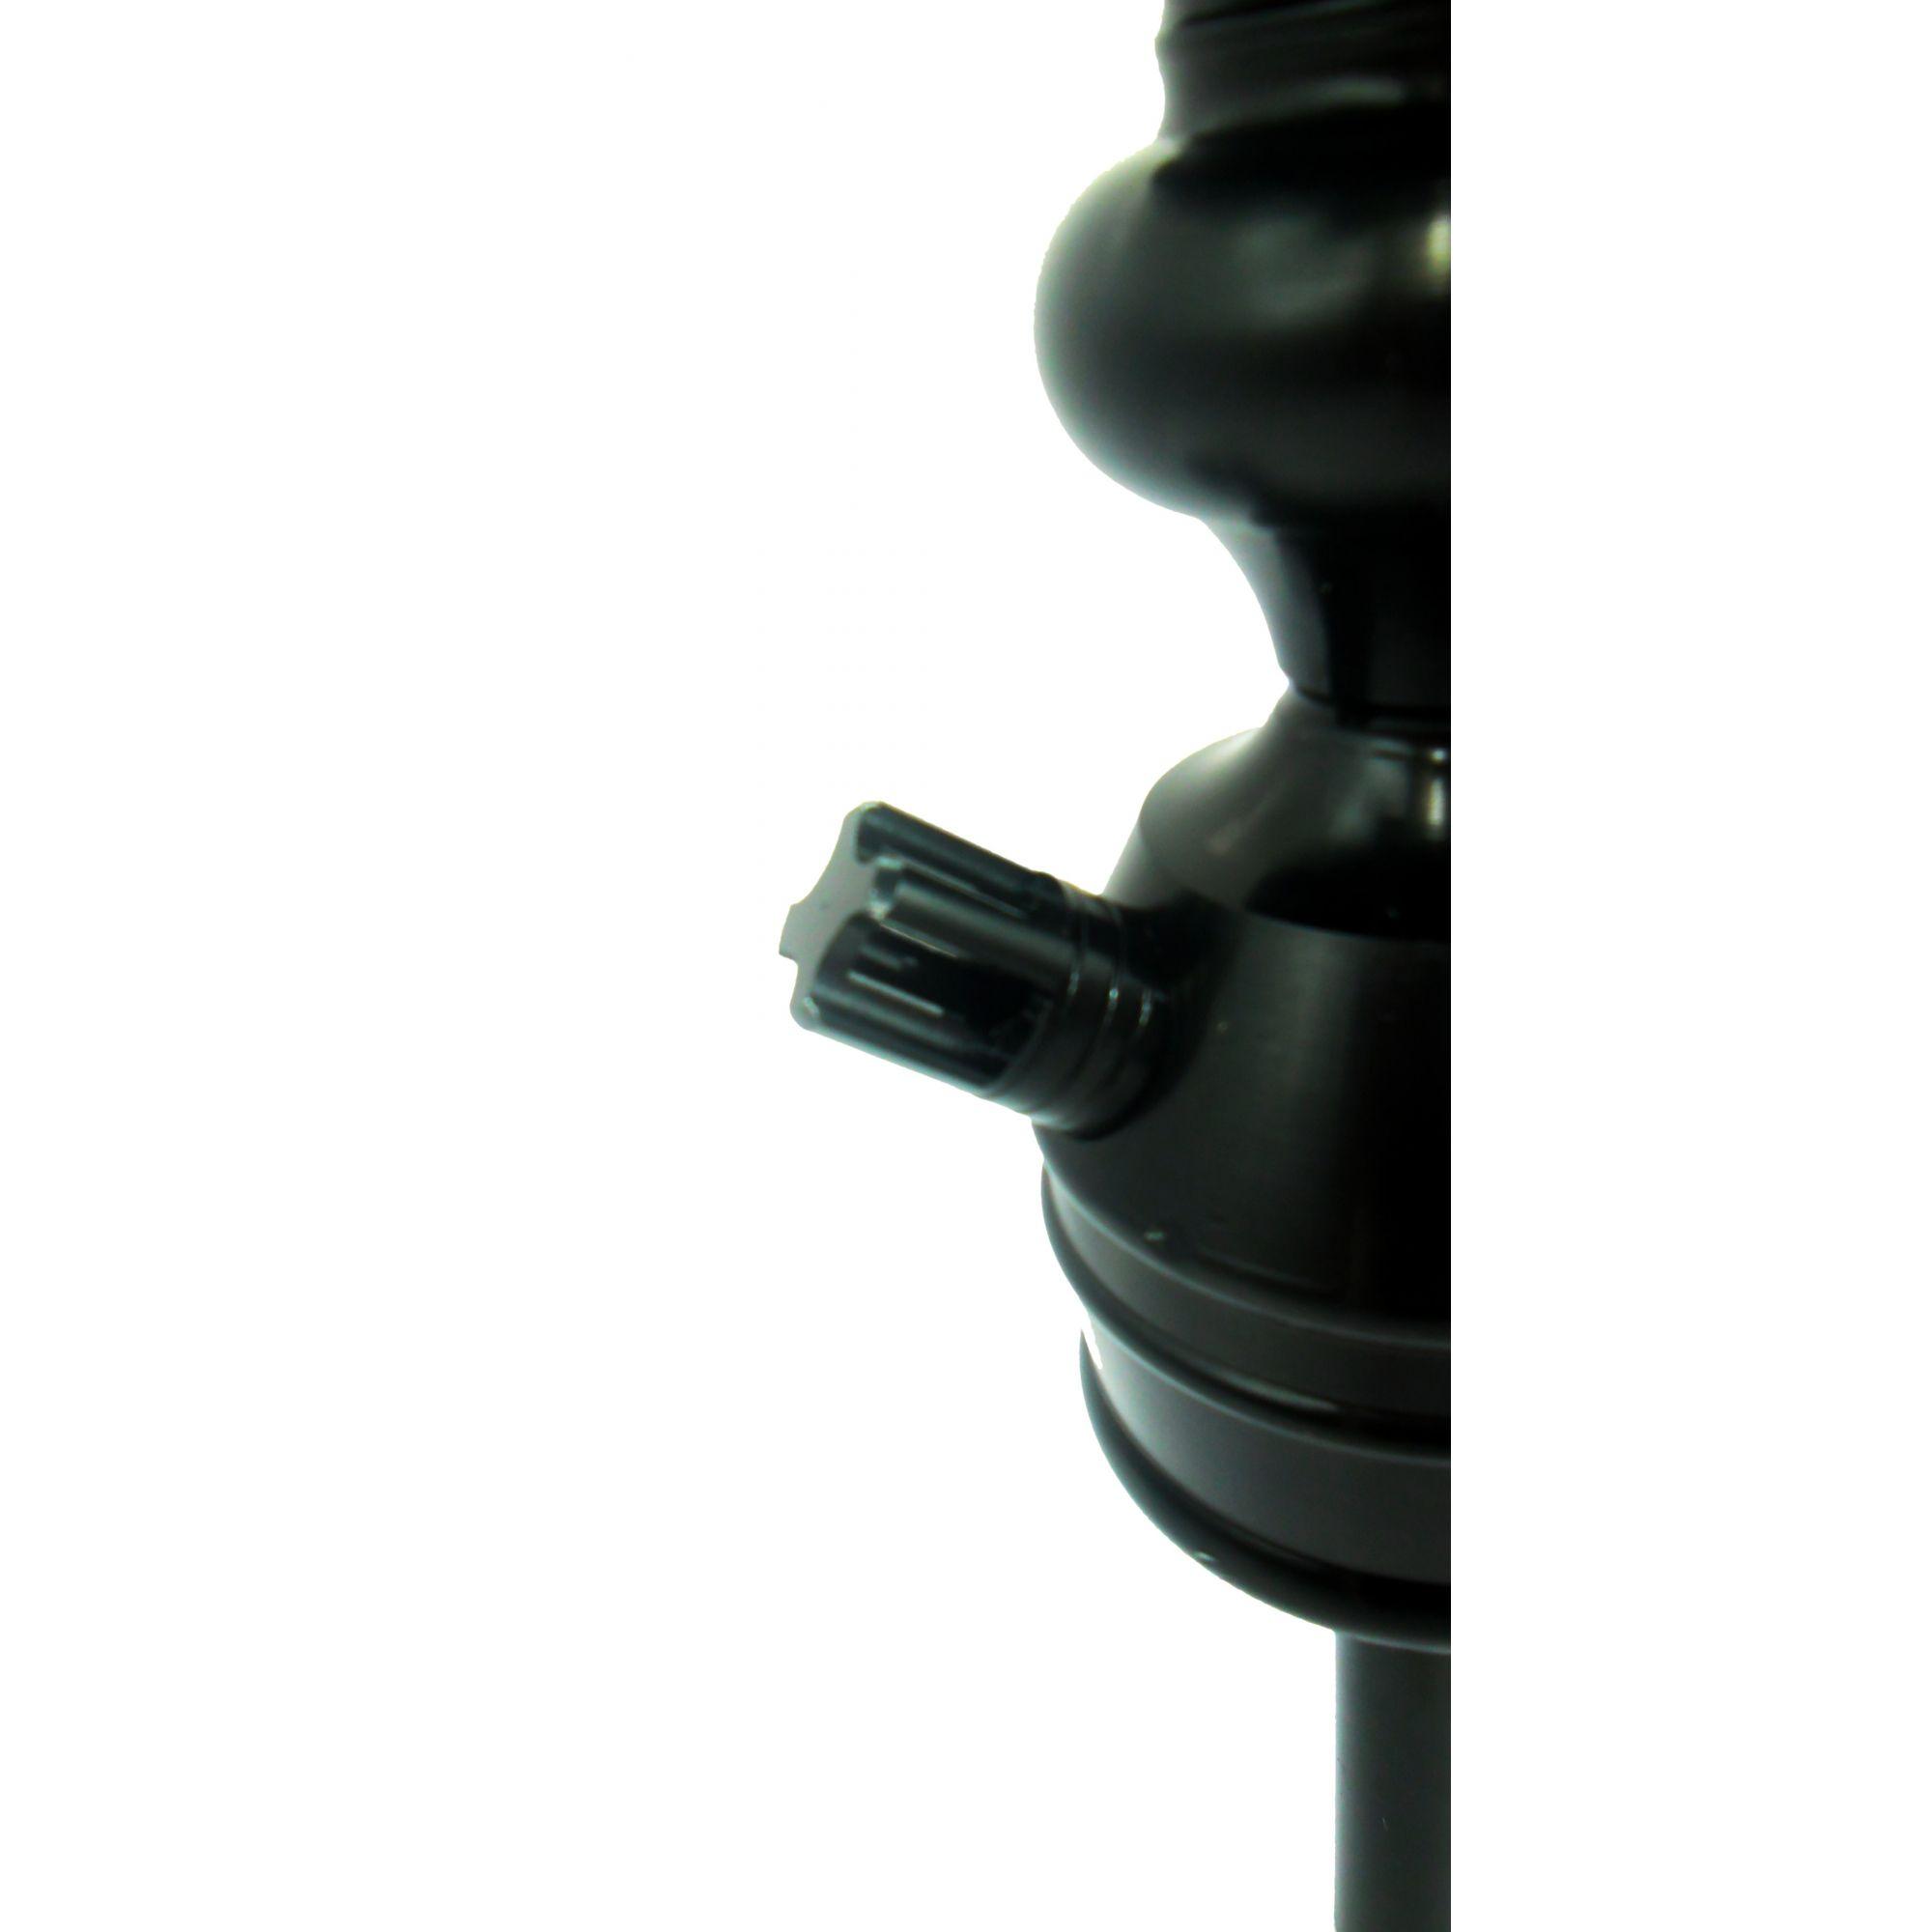 Stem (corpo de narguile) REI DO NARGUILE, em alumínio maciço, 22cm, preto.